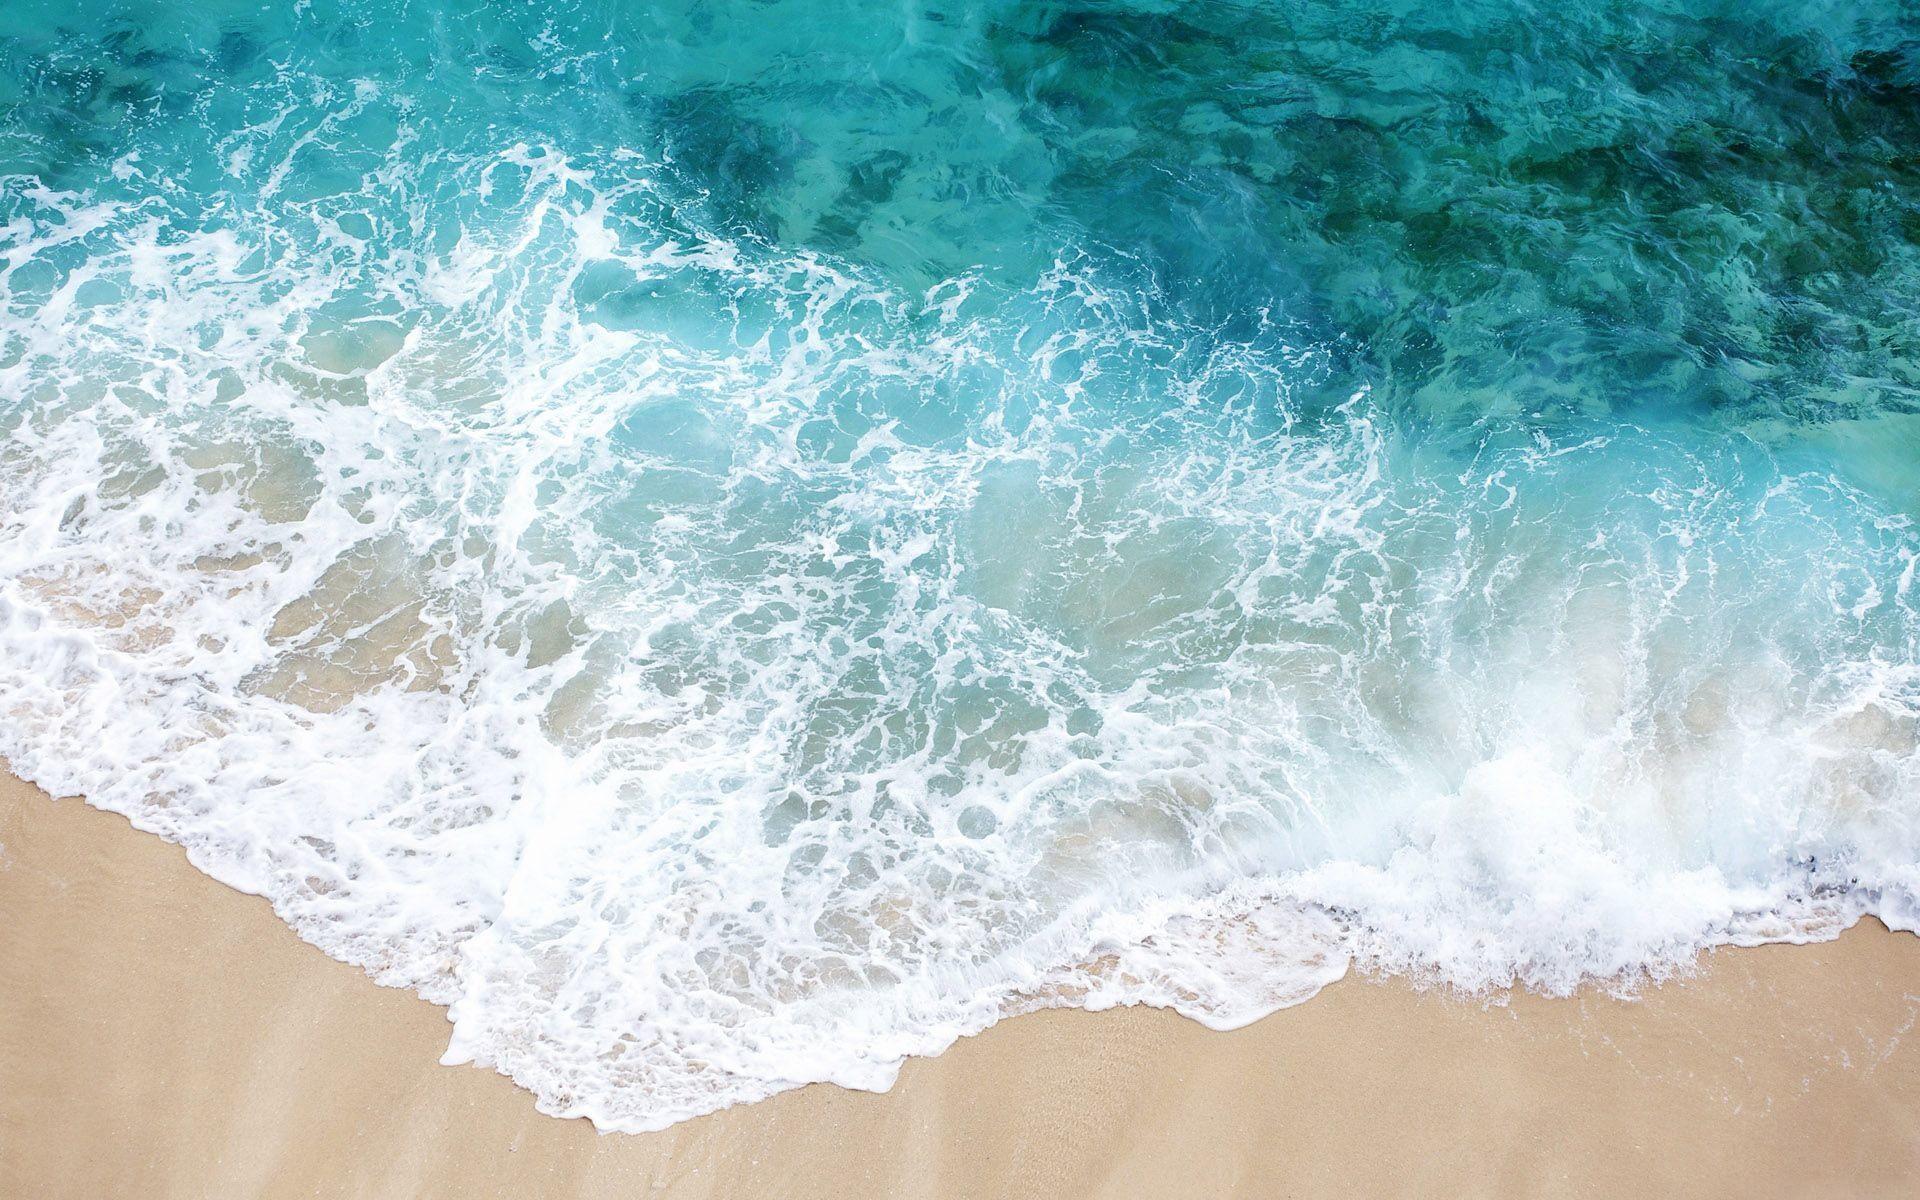 Белый песок и волны океана фото